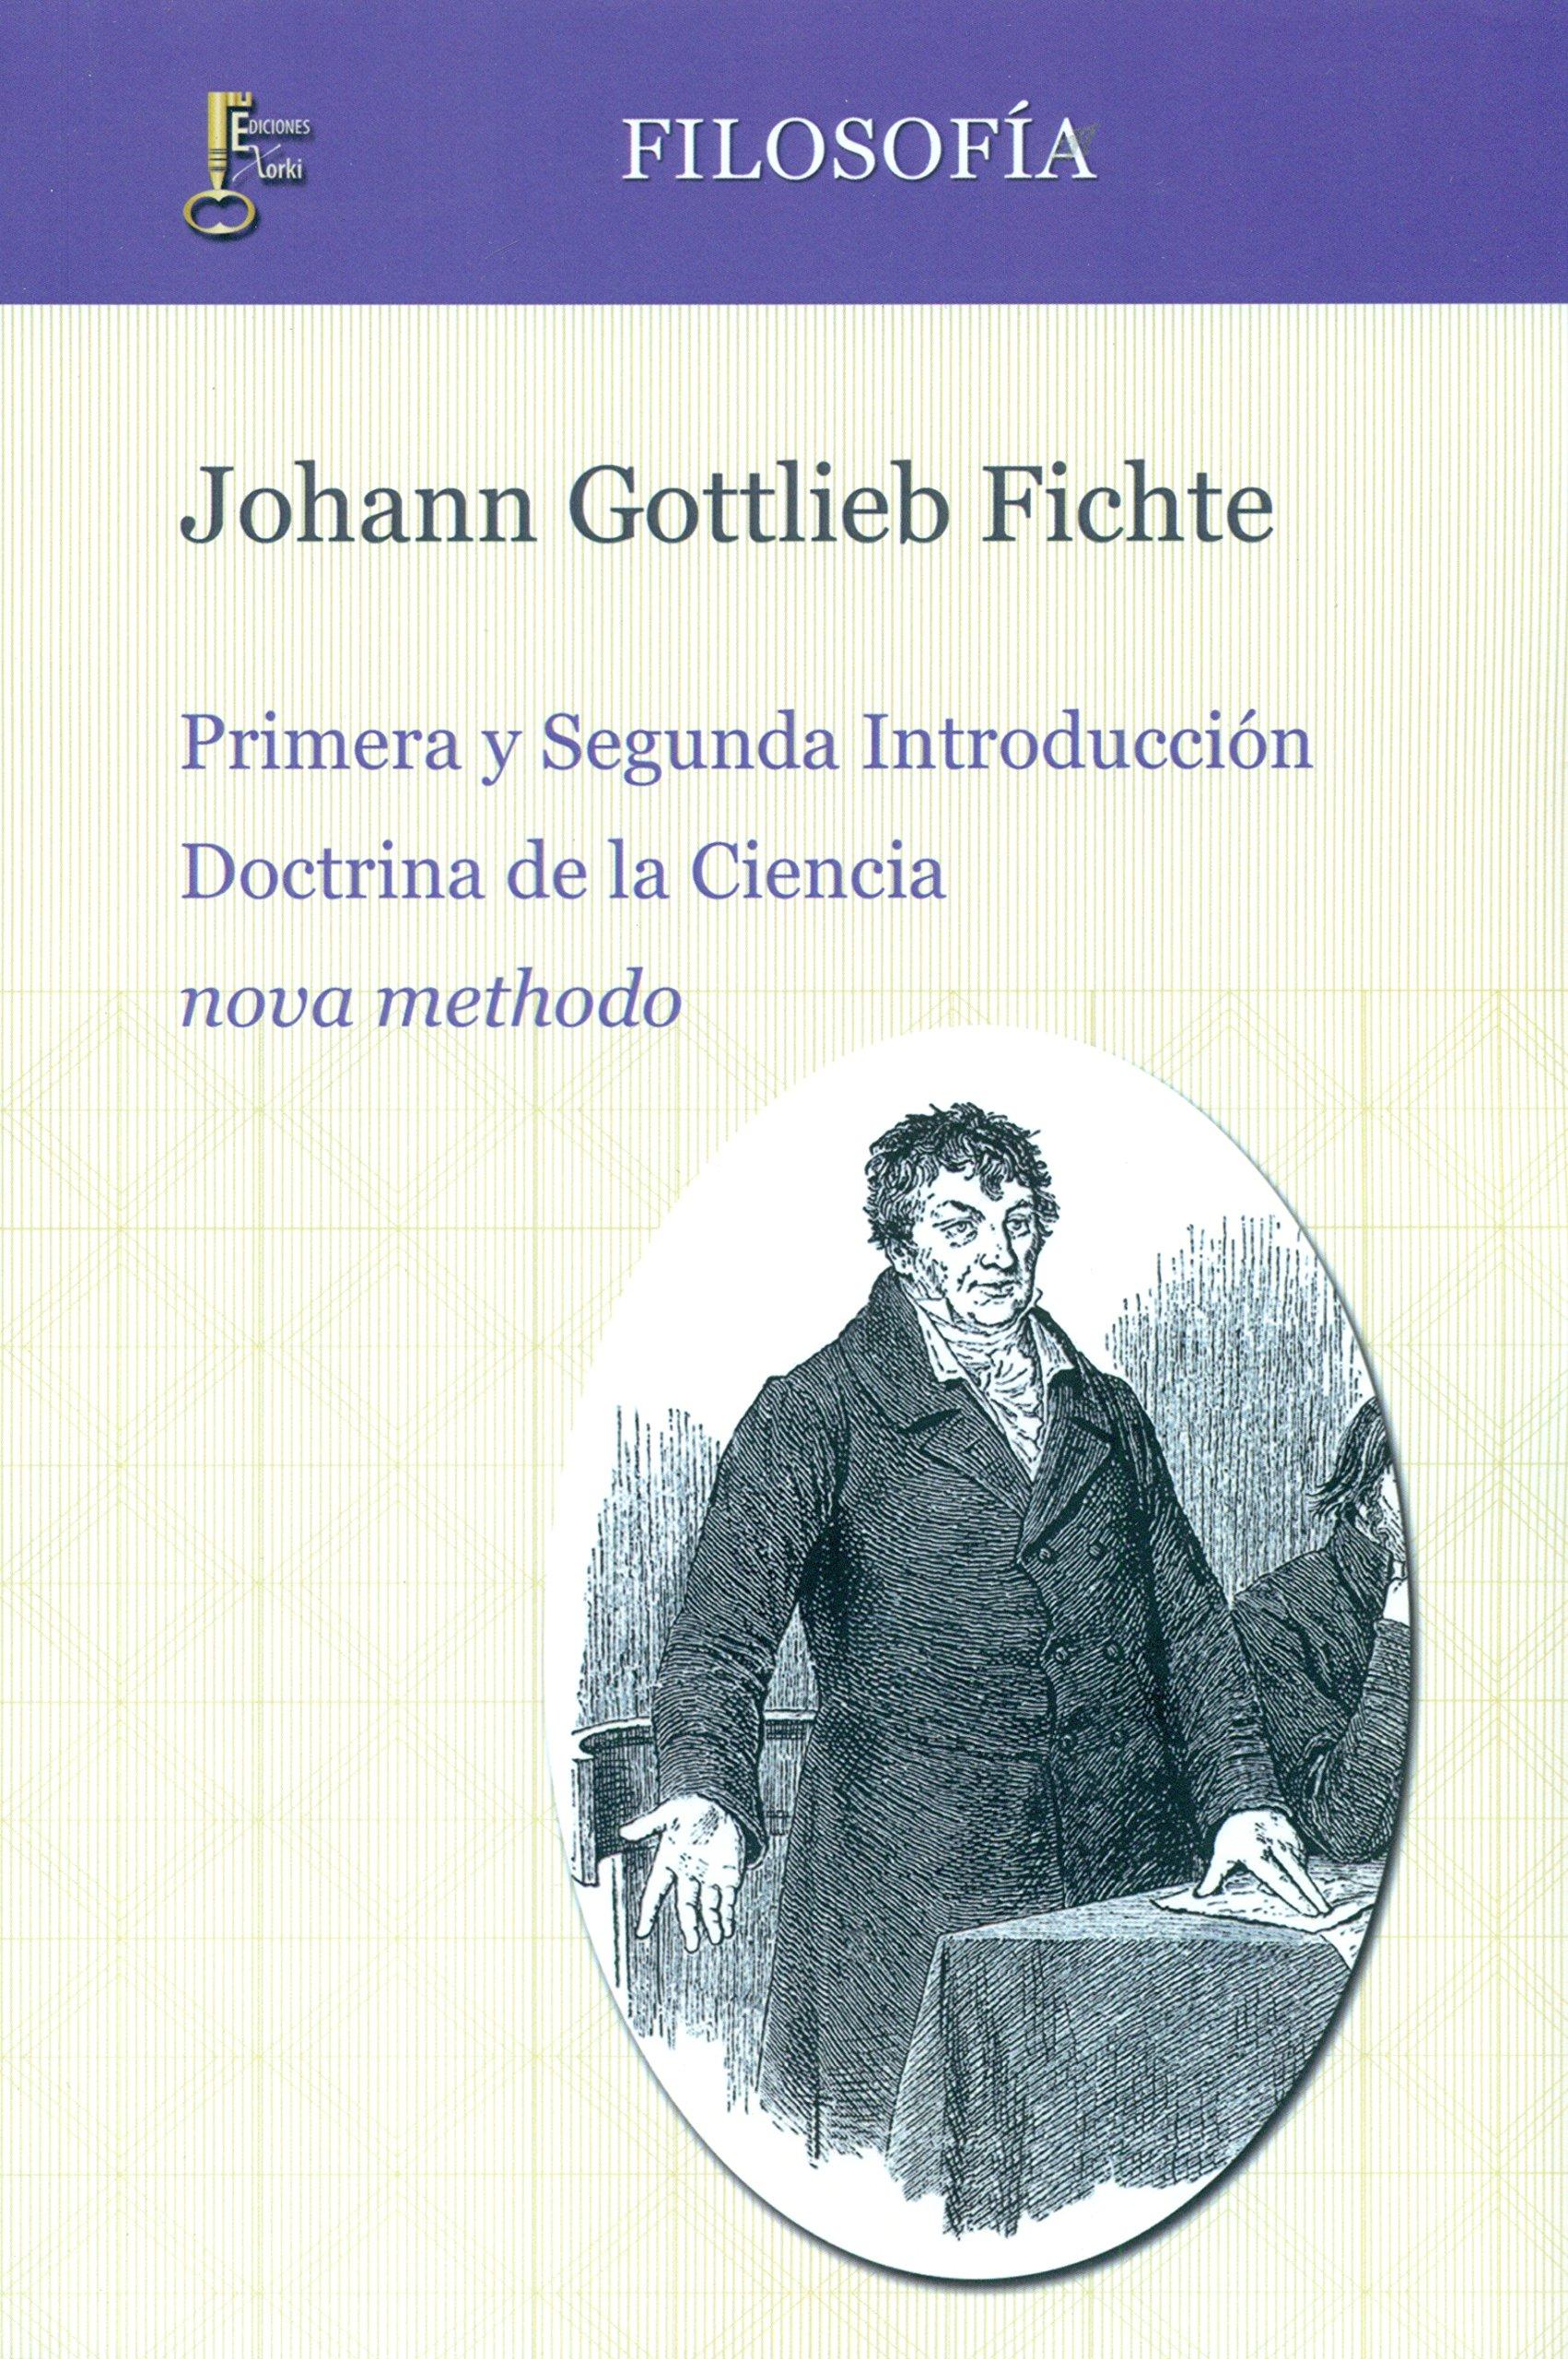 Doctrina de la Ciencia nova methodo HUMANIDADES: Amazon.es: Johann Gottlieb Fichte, Jacinto Rivera de Rosales, Emiliano Acosta: Libros